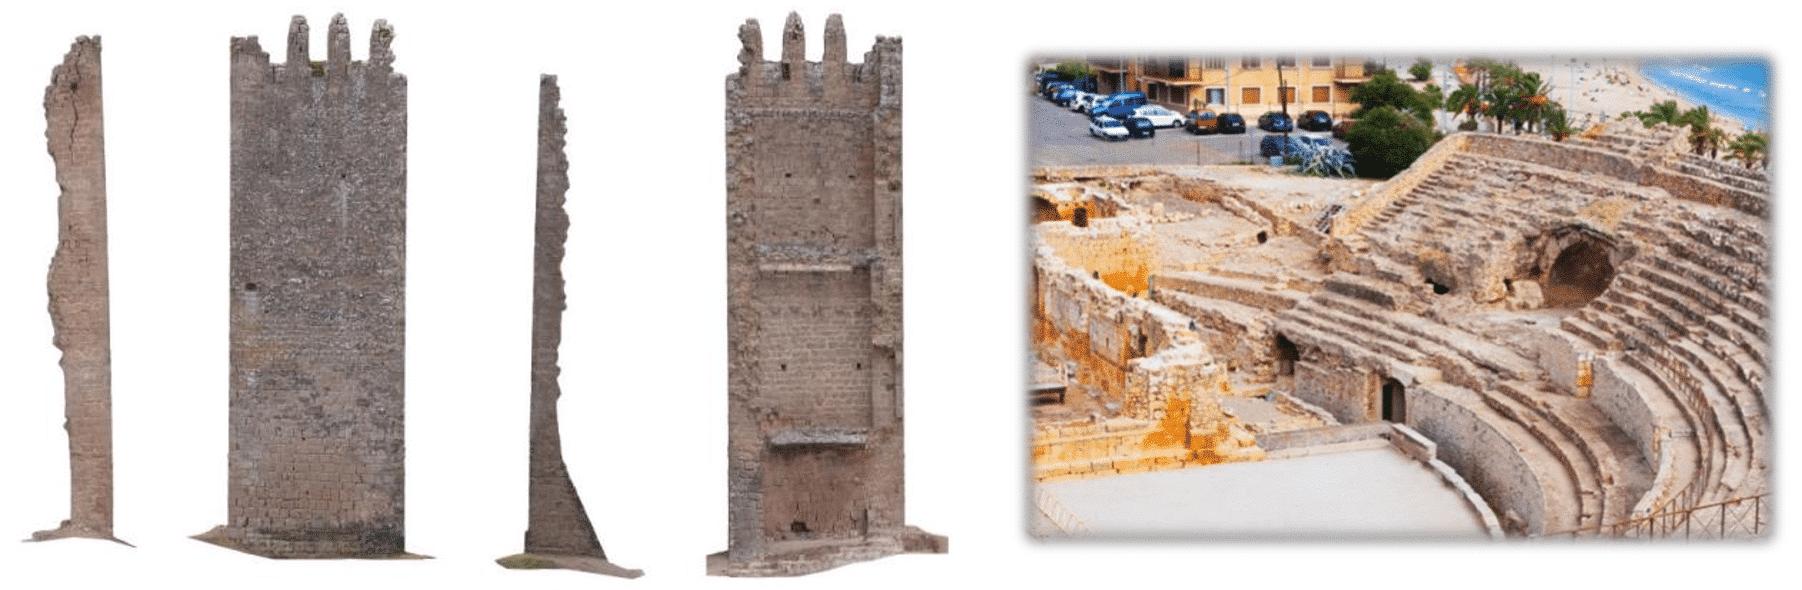 Arqueologia e investigacion